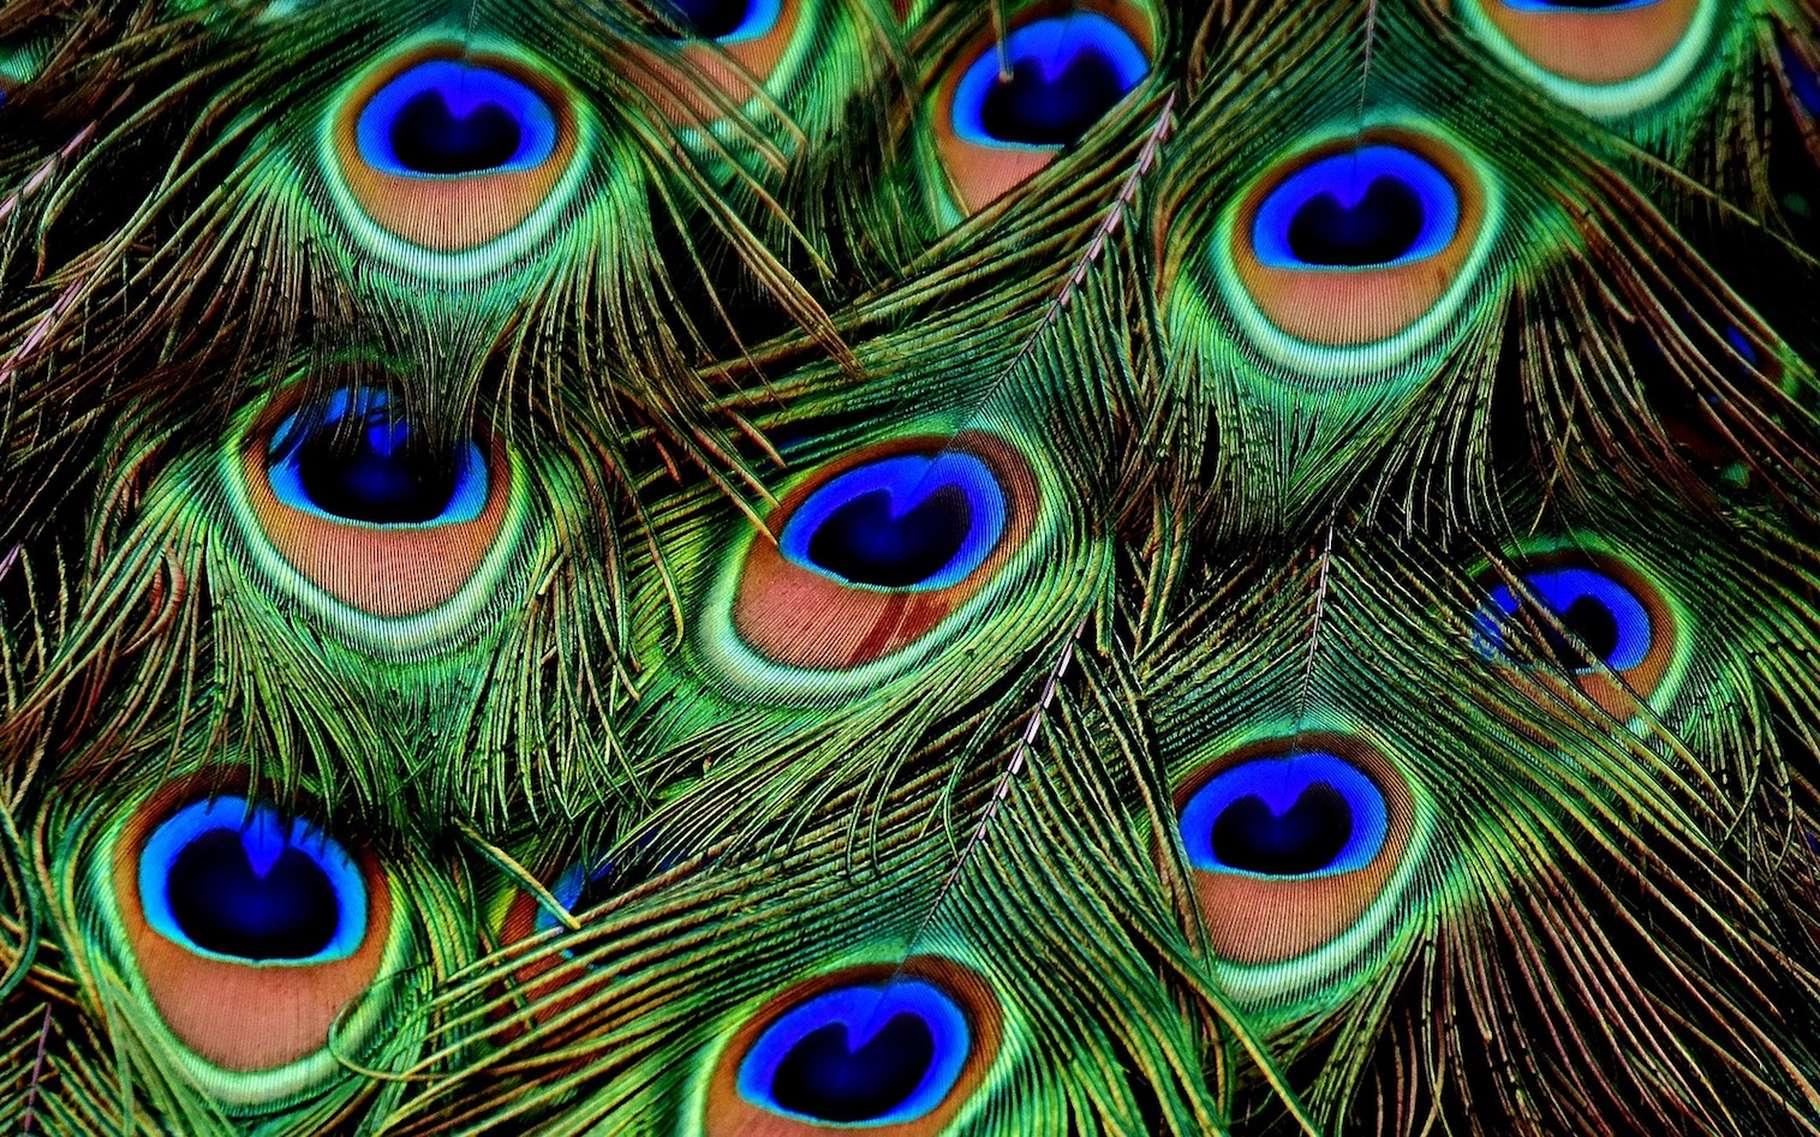 Les plumes de paon présentent des structures périodiques à l'origine d'une magnifique iridescence. © Alexas_Fotos, Pixabey, CC0 Creative Commons